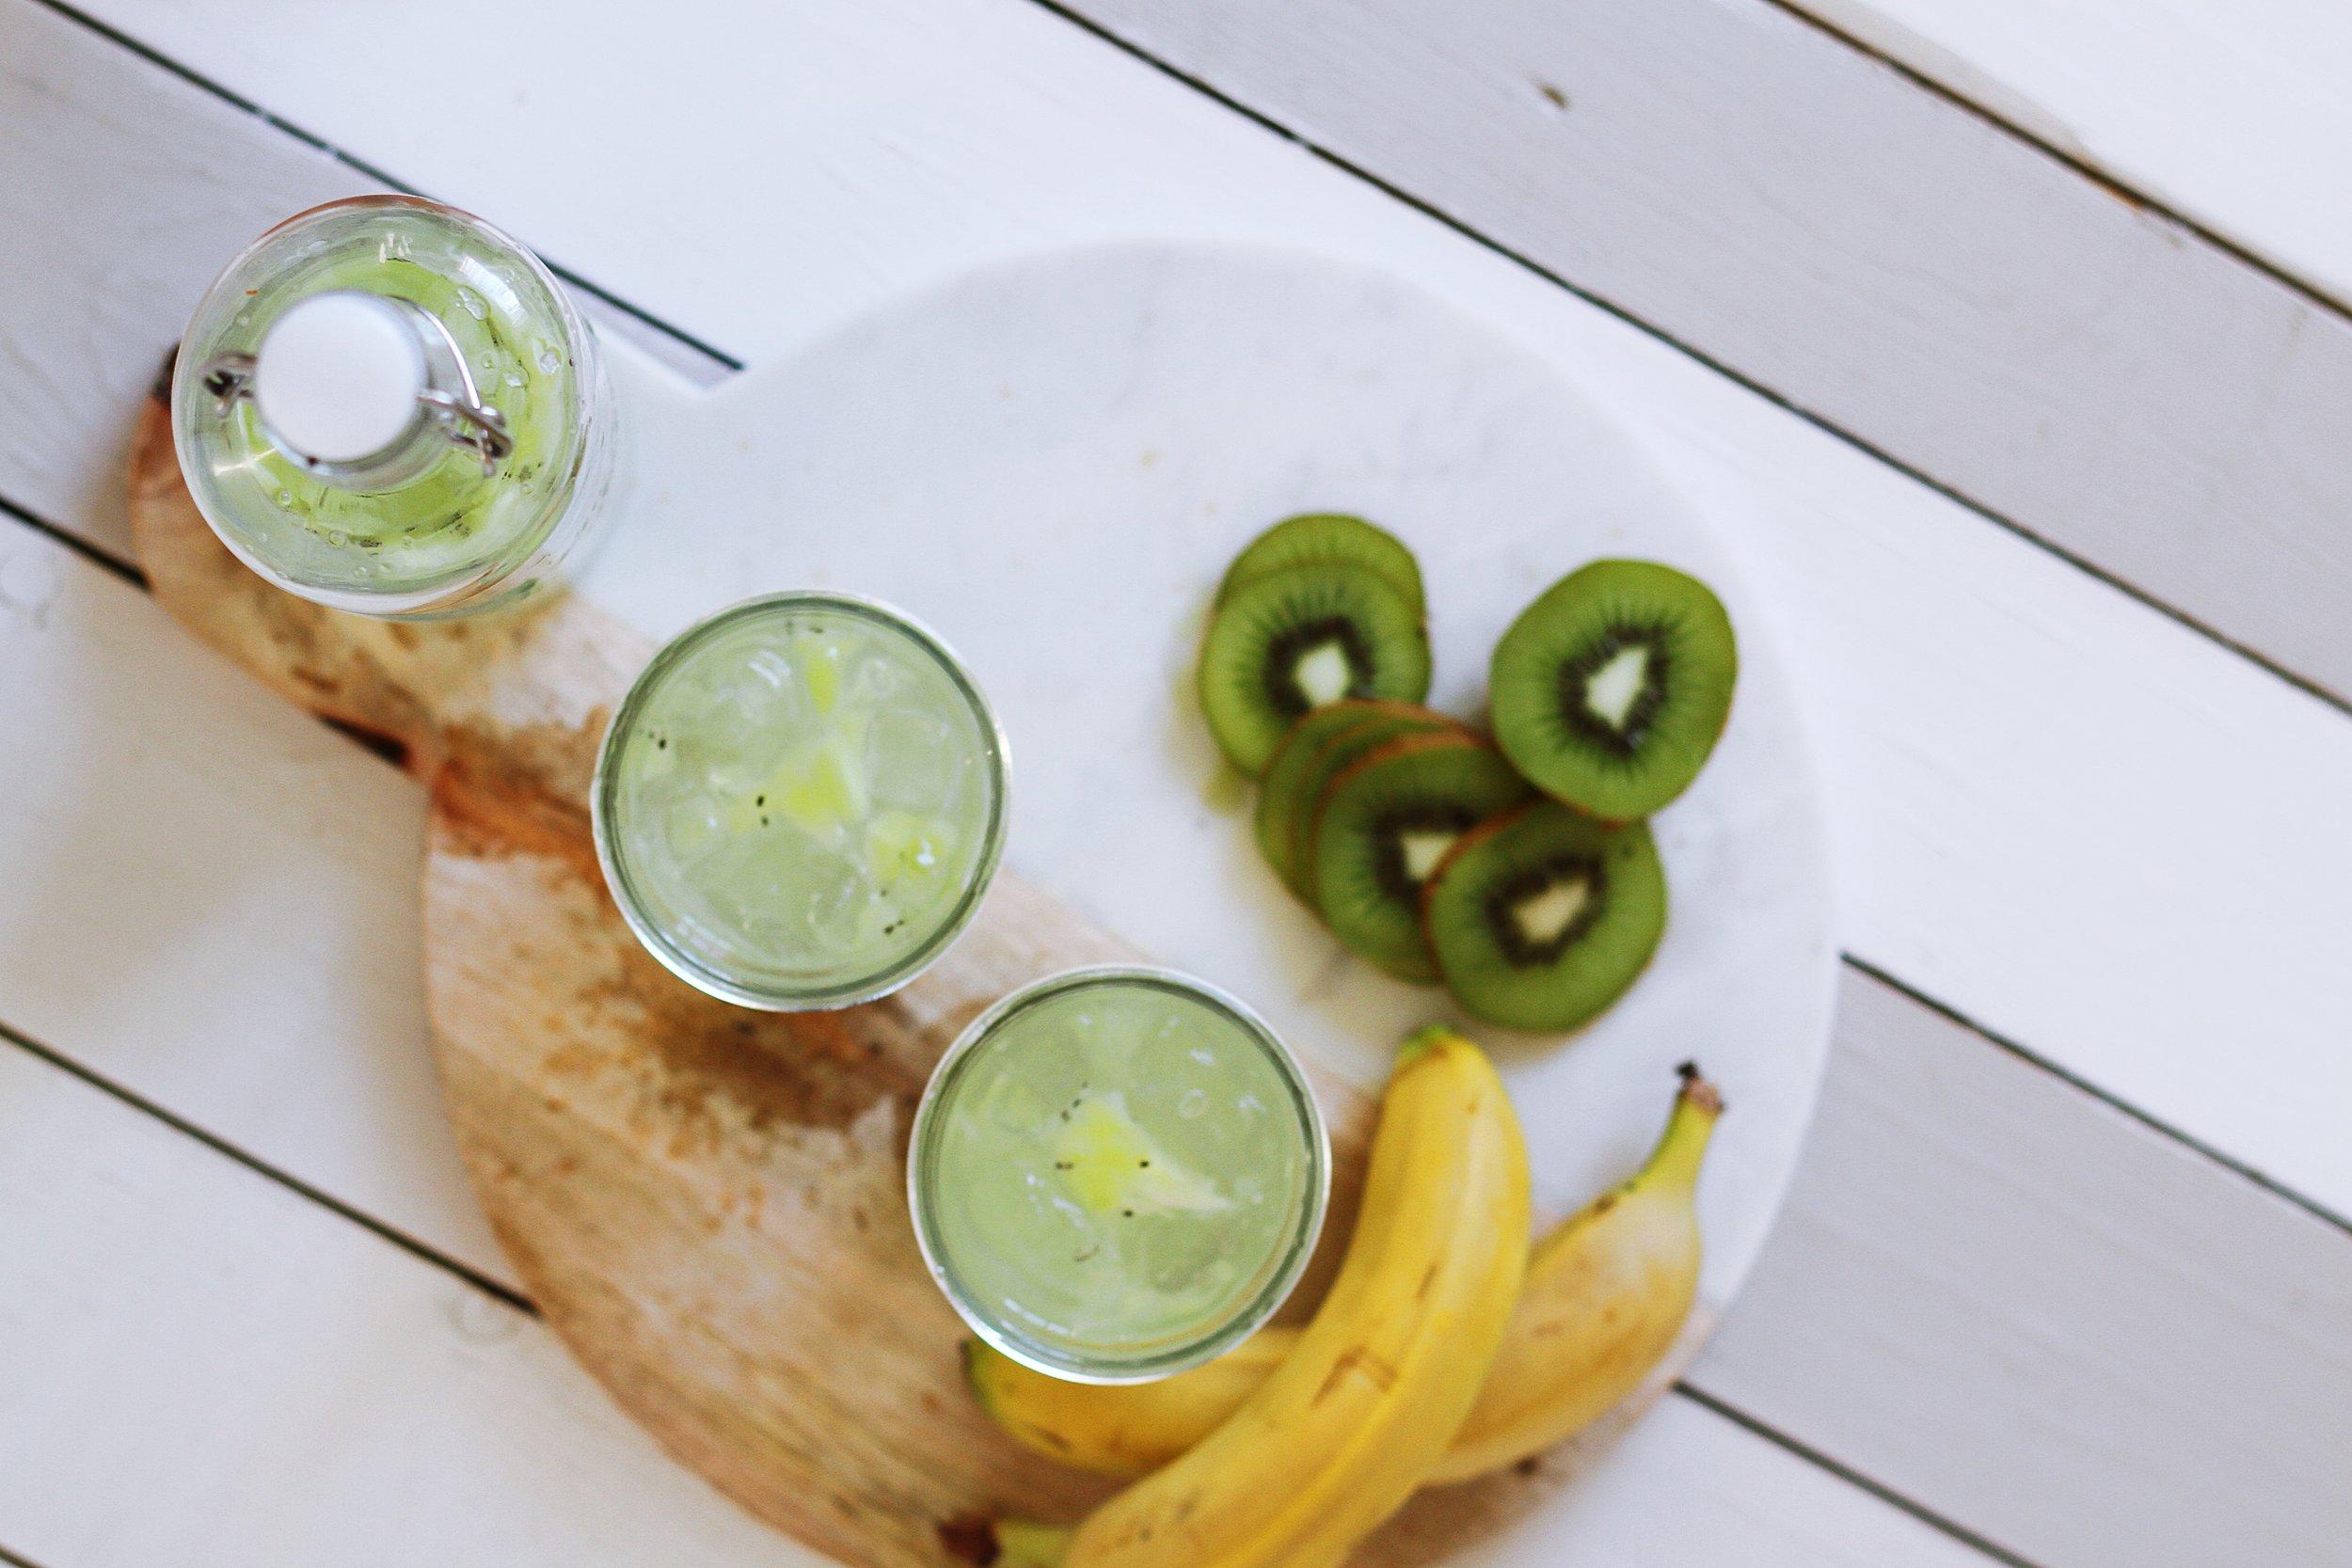 Kiwi & banane - Le kiwi est le champion de la vitamine C , aussi riche en vitamines E et B9, en bêta-carotène, en potassium. Grâce à ses teneurs en tryptophane, potassium et magnésium, la banane est reconnue pour lubrifier les intestins et détoxifier le corps.